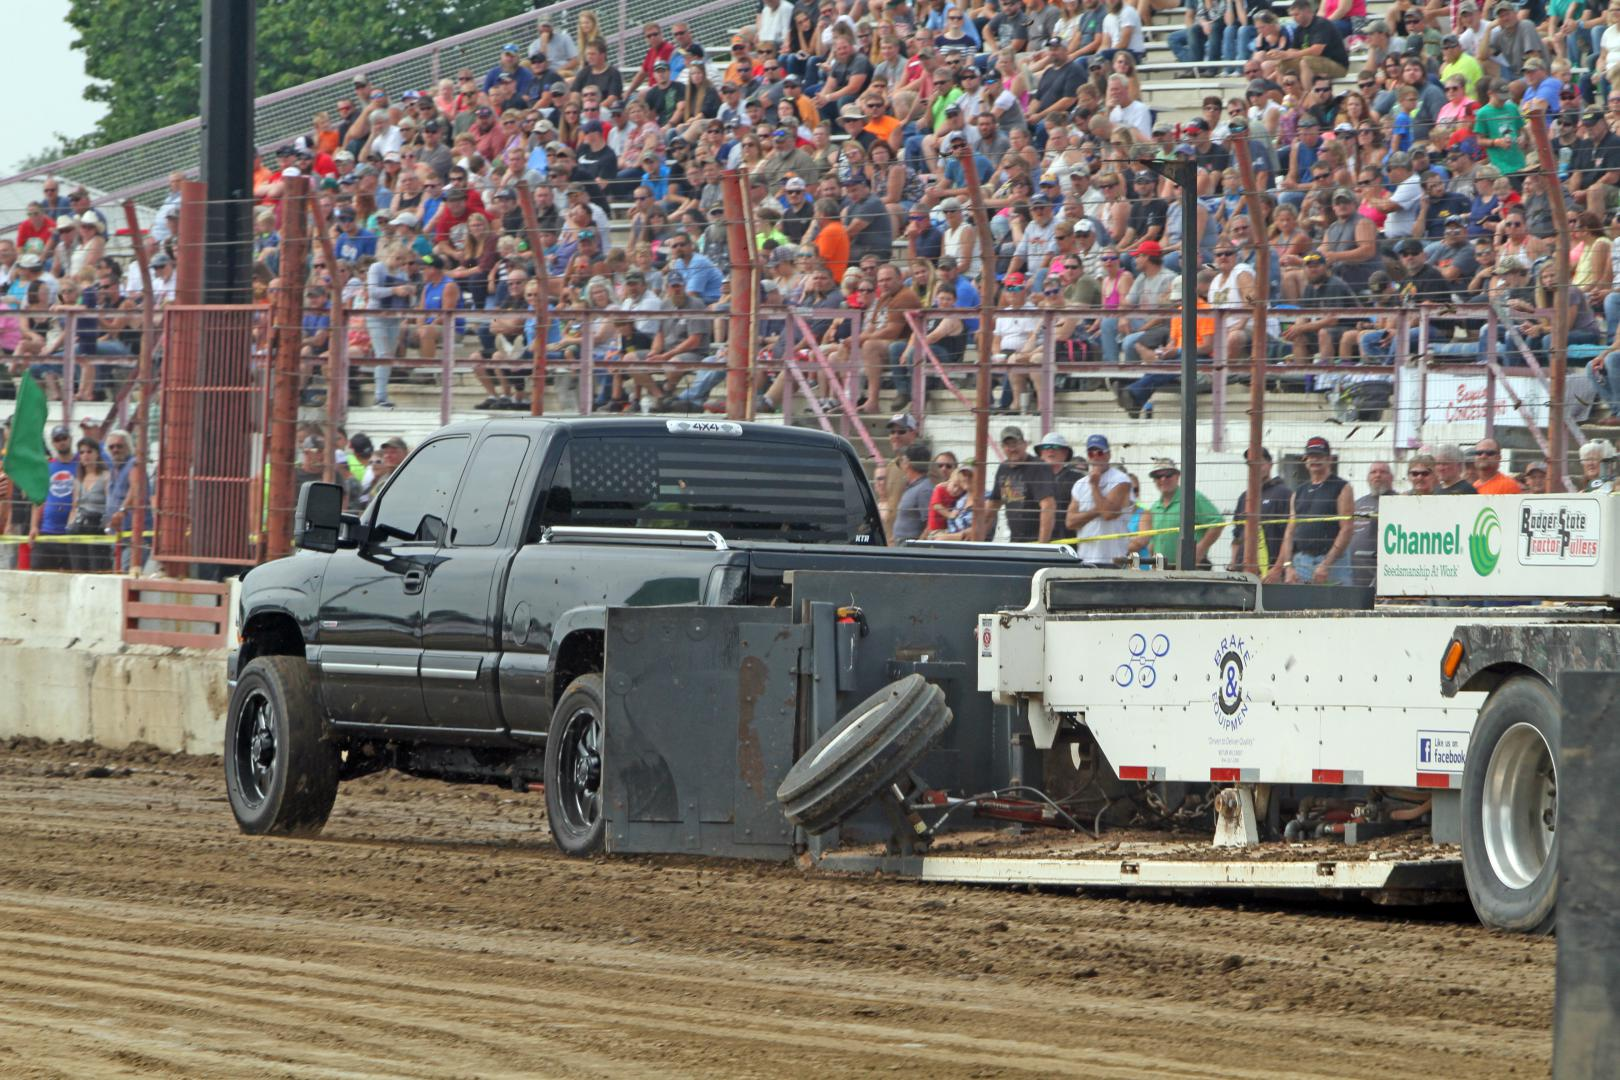 Sunday at the Fair | Dodge County Fairgrounds